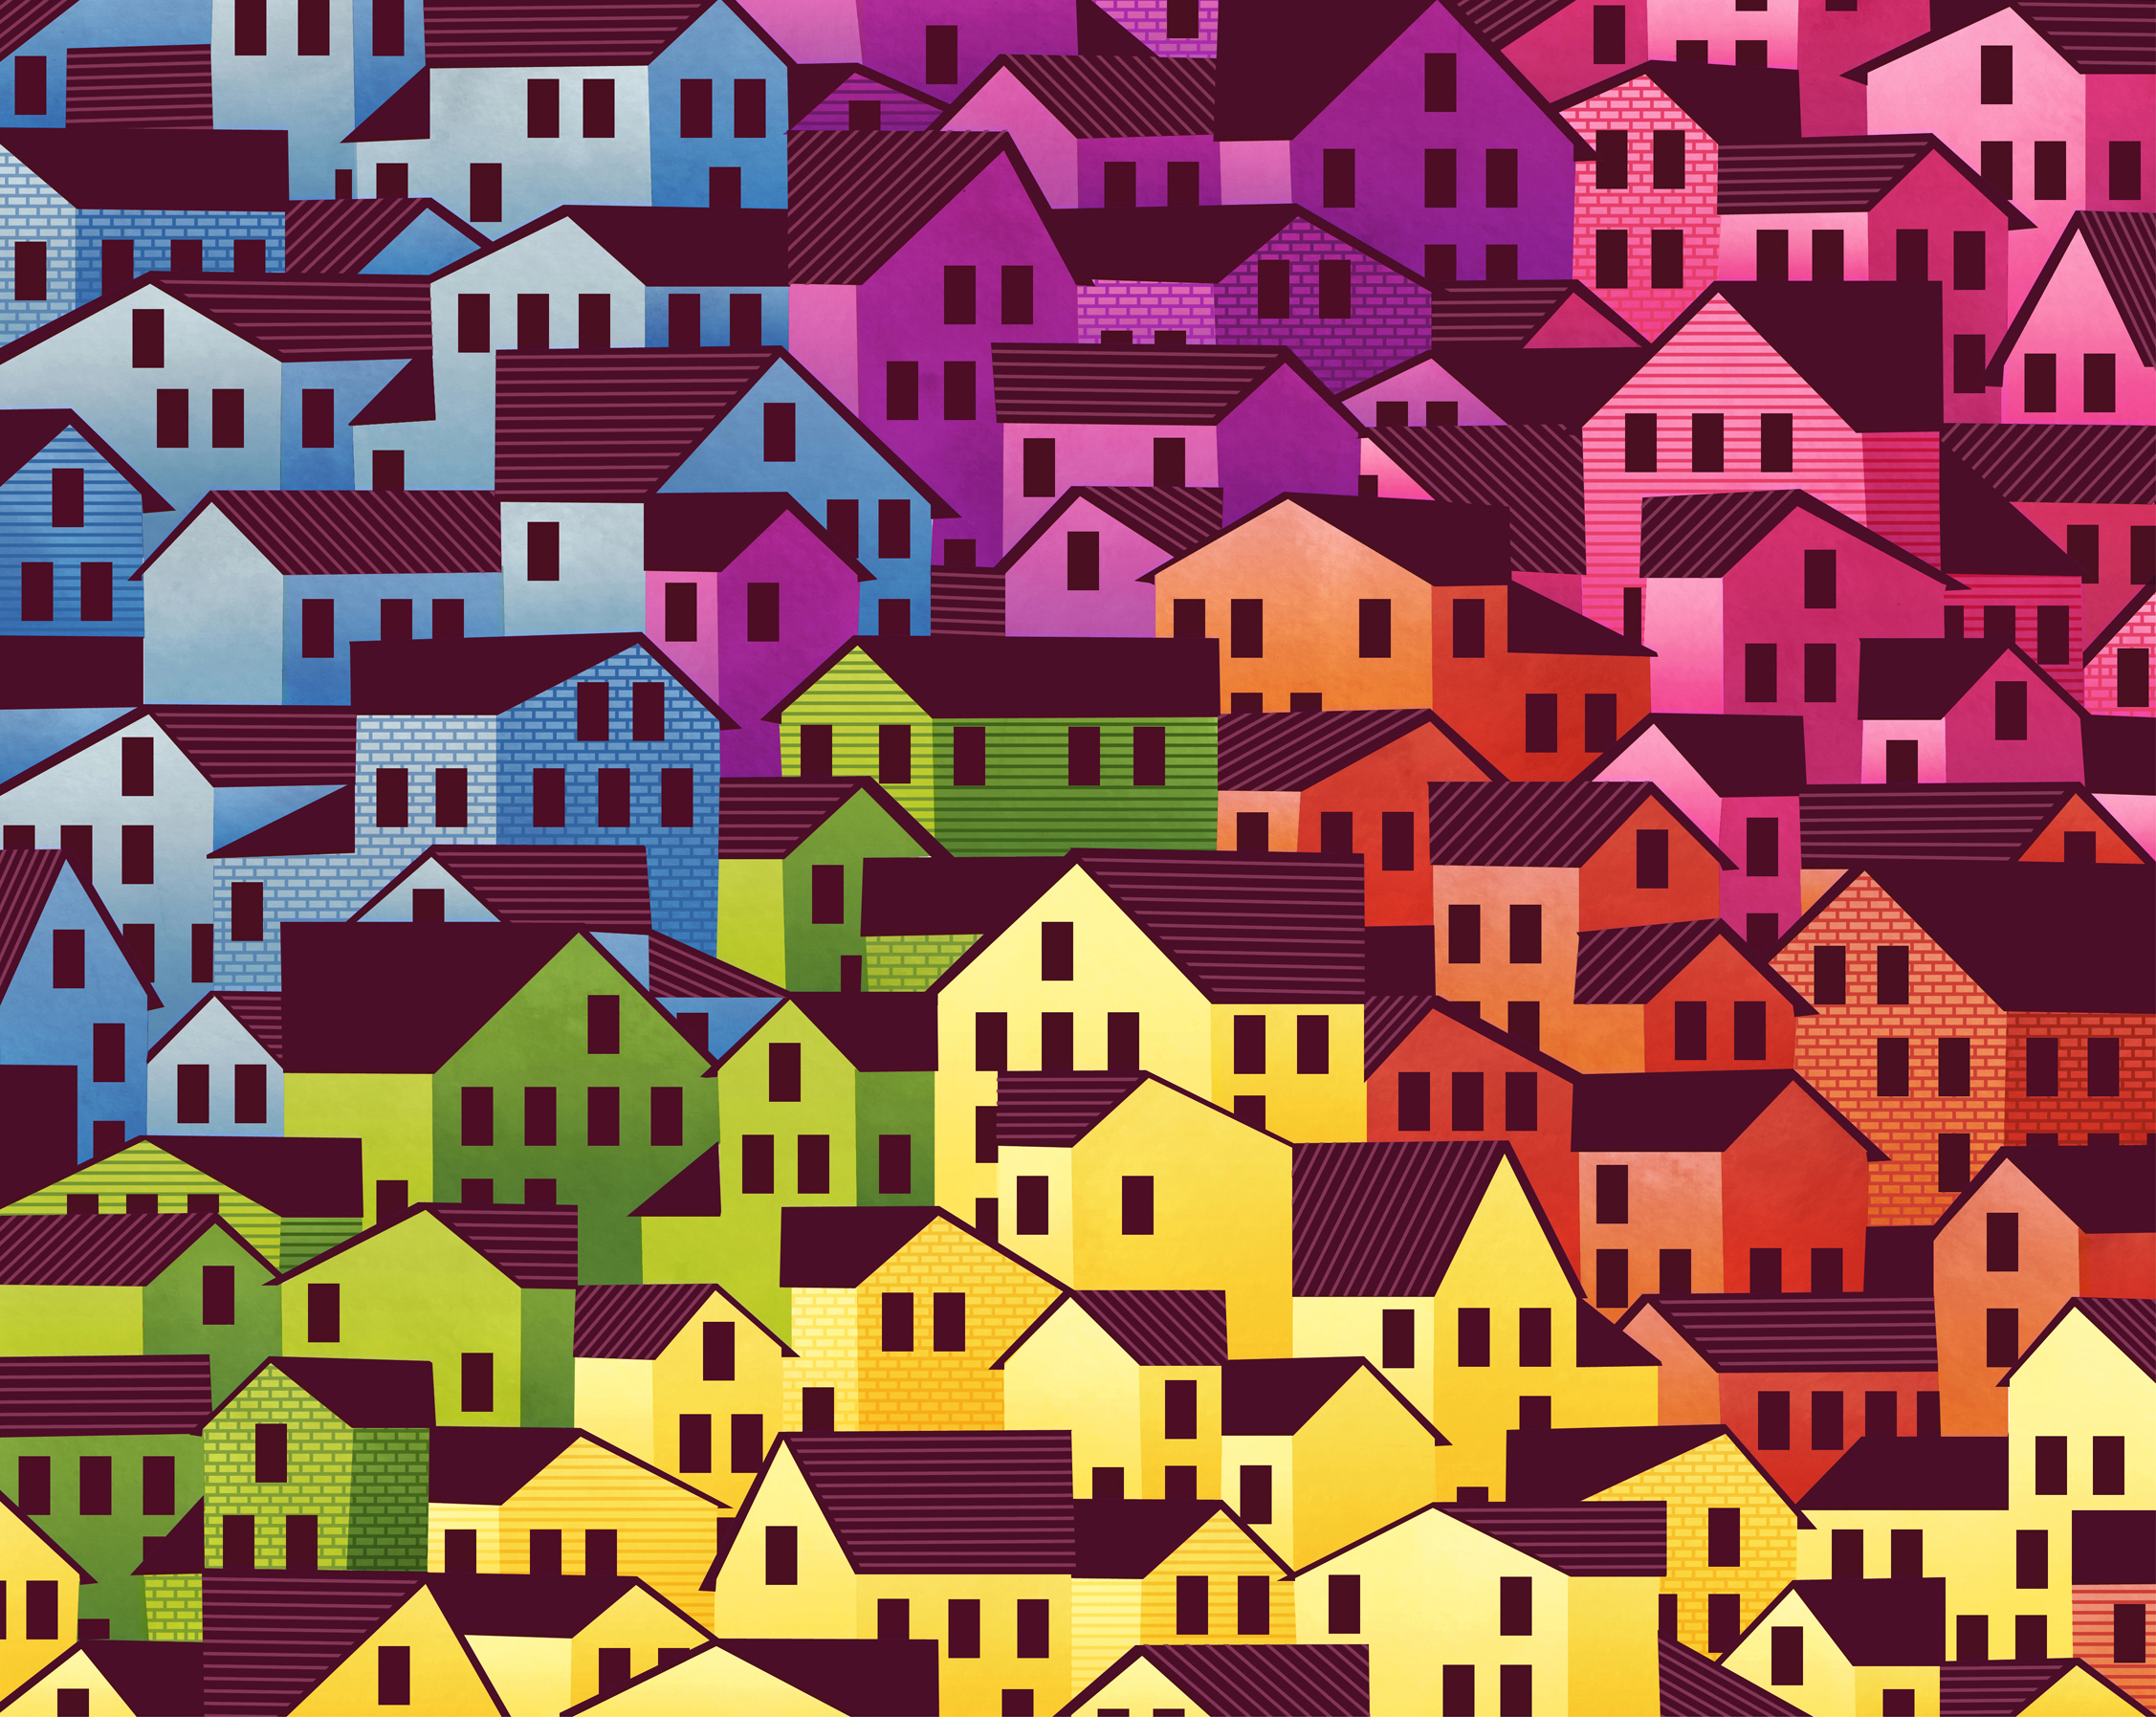 houses_final image_300dpi_borderless.jpg